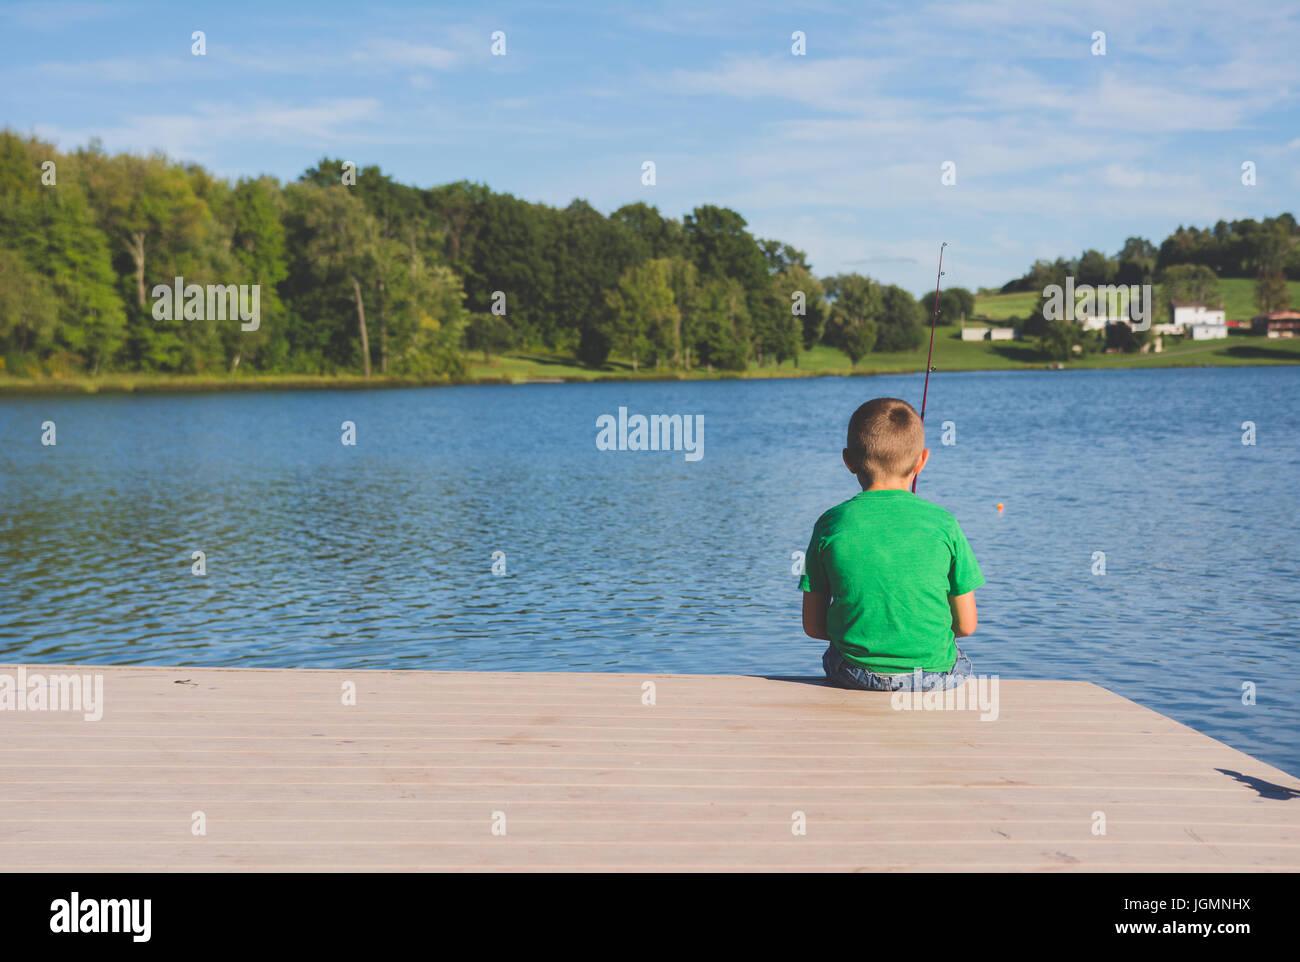 Un enfant sur un quai de pêche à un étang dans une zone rurale. Photo Stock